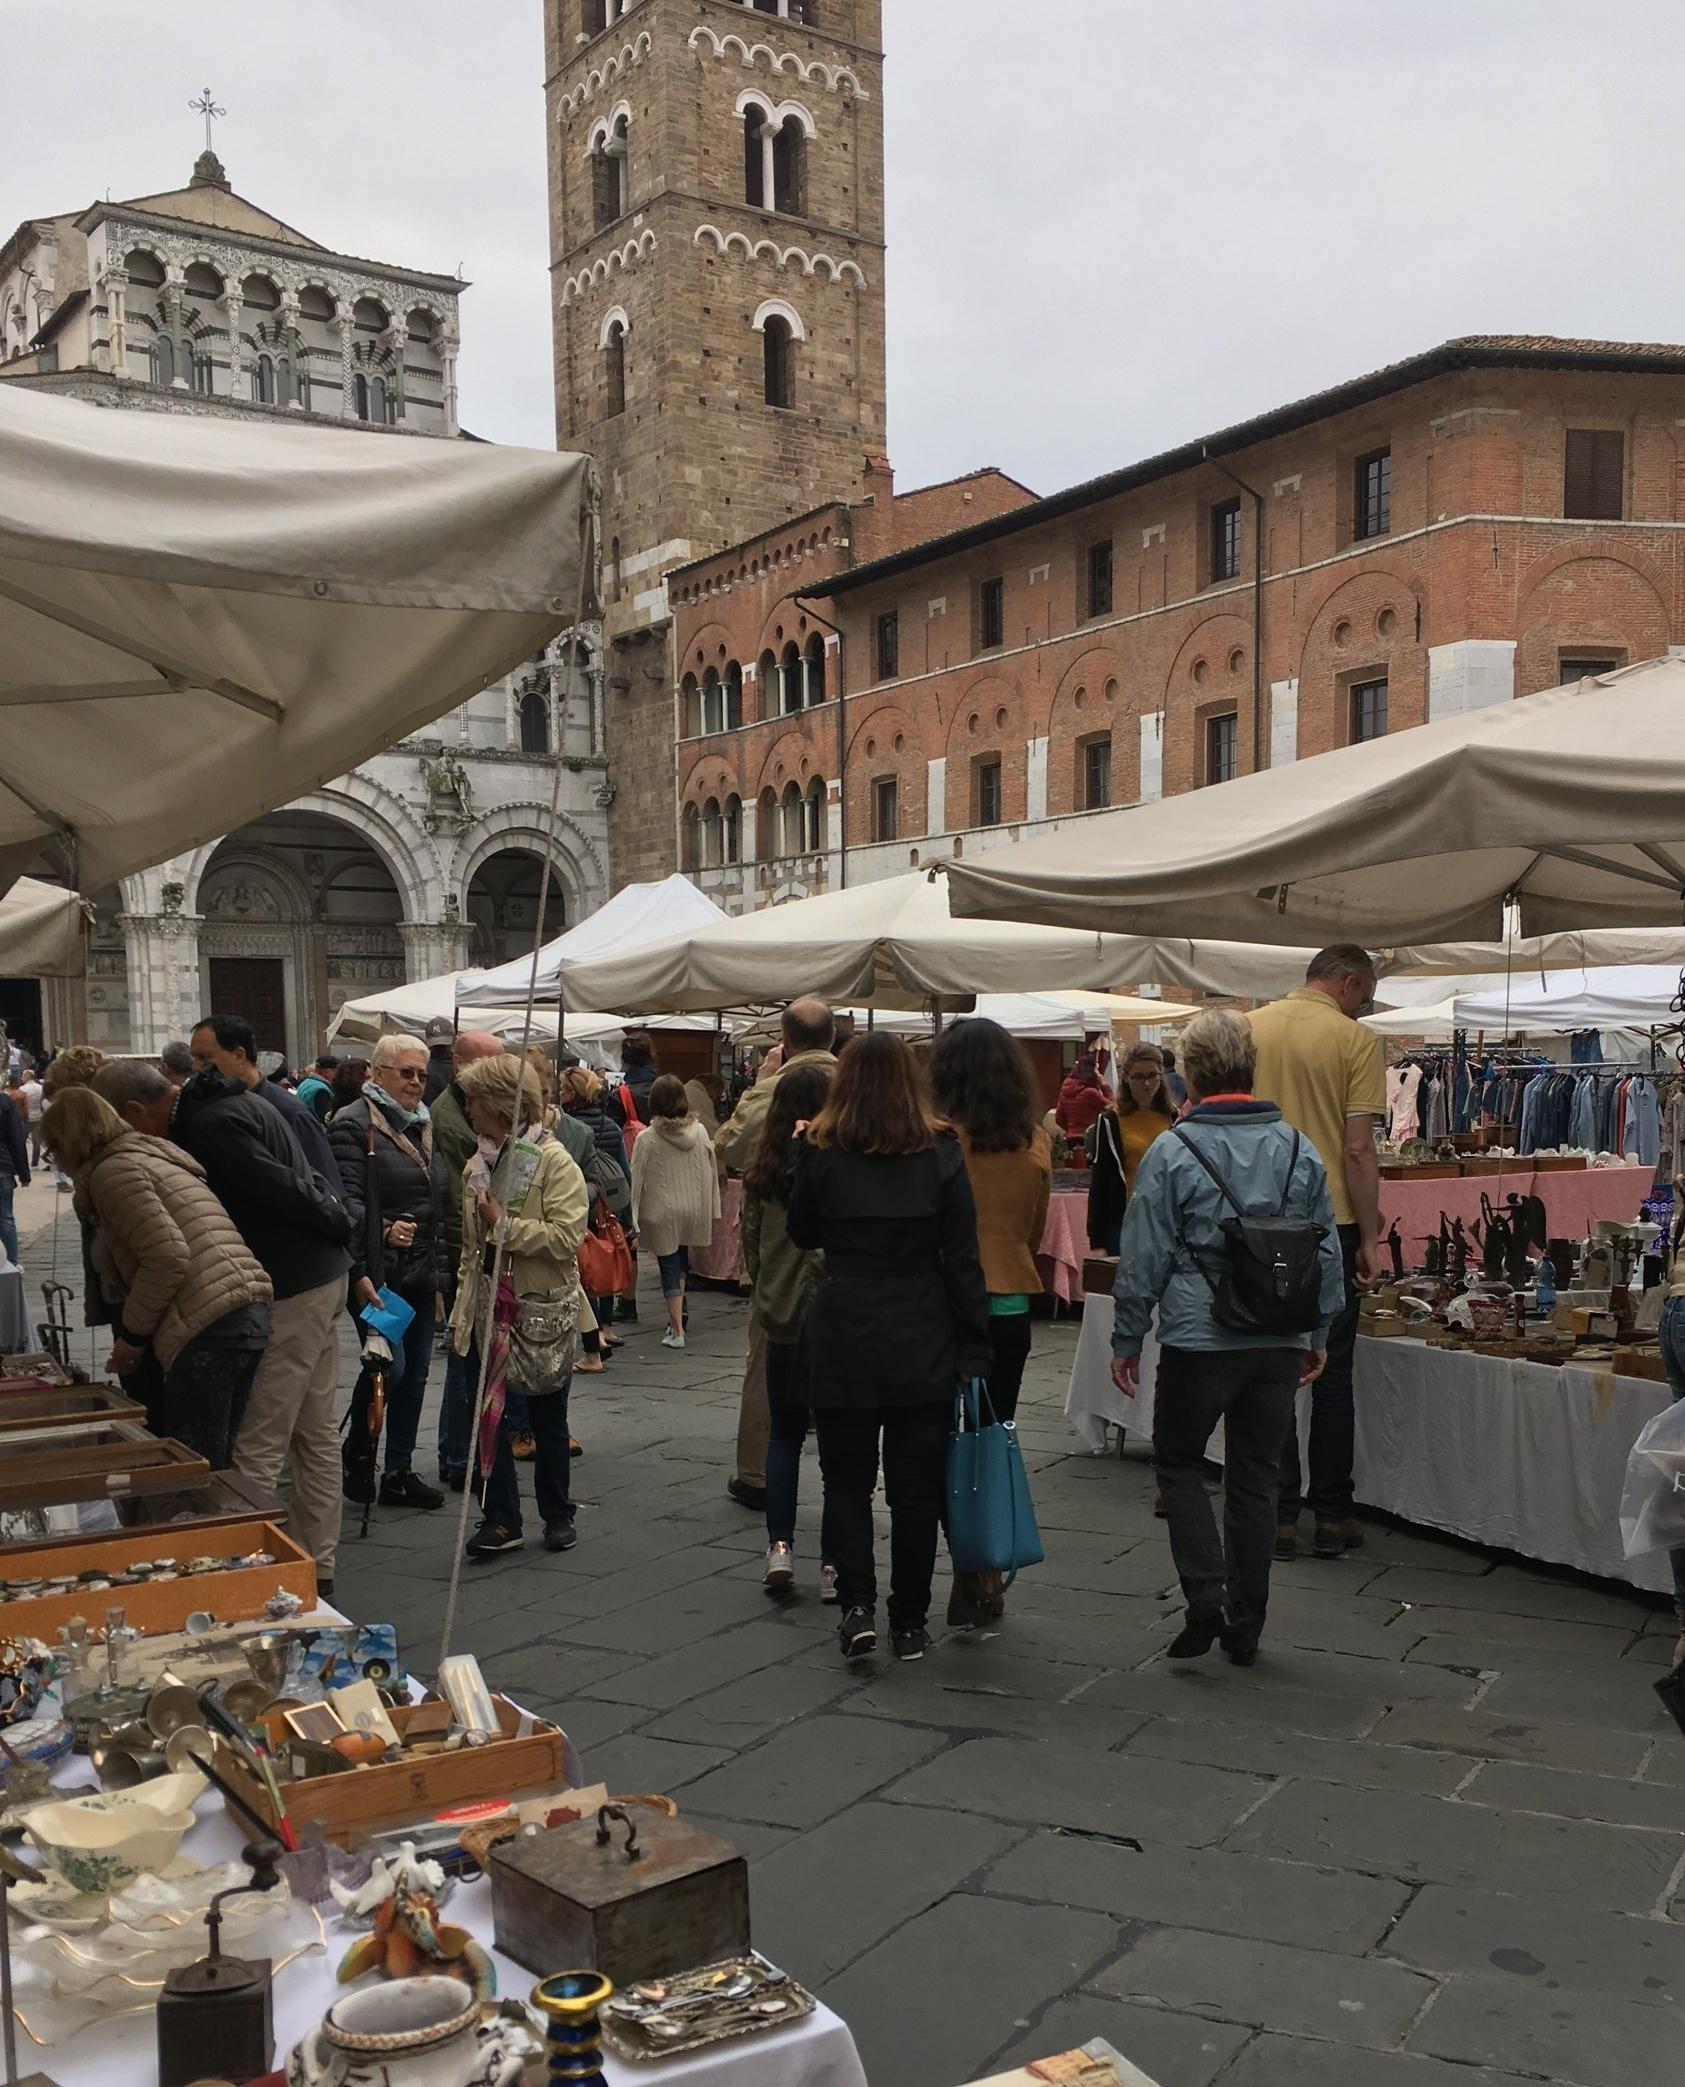 Mercato Antiquario, Lucca